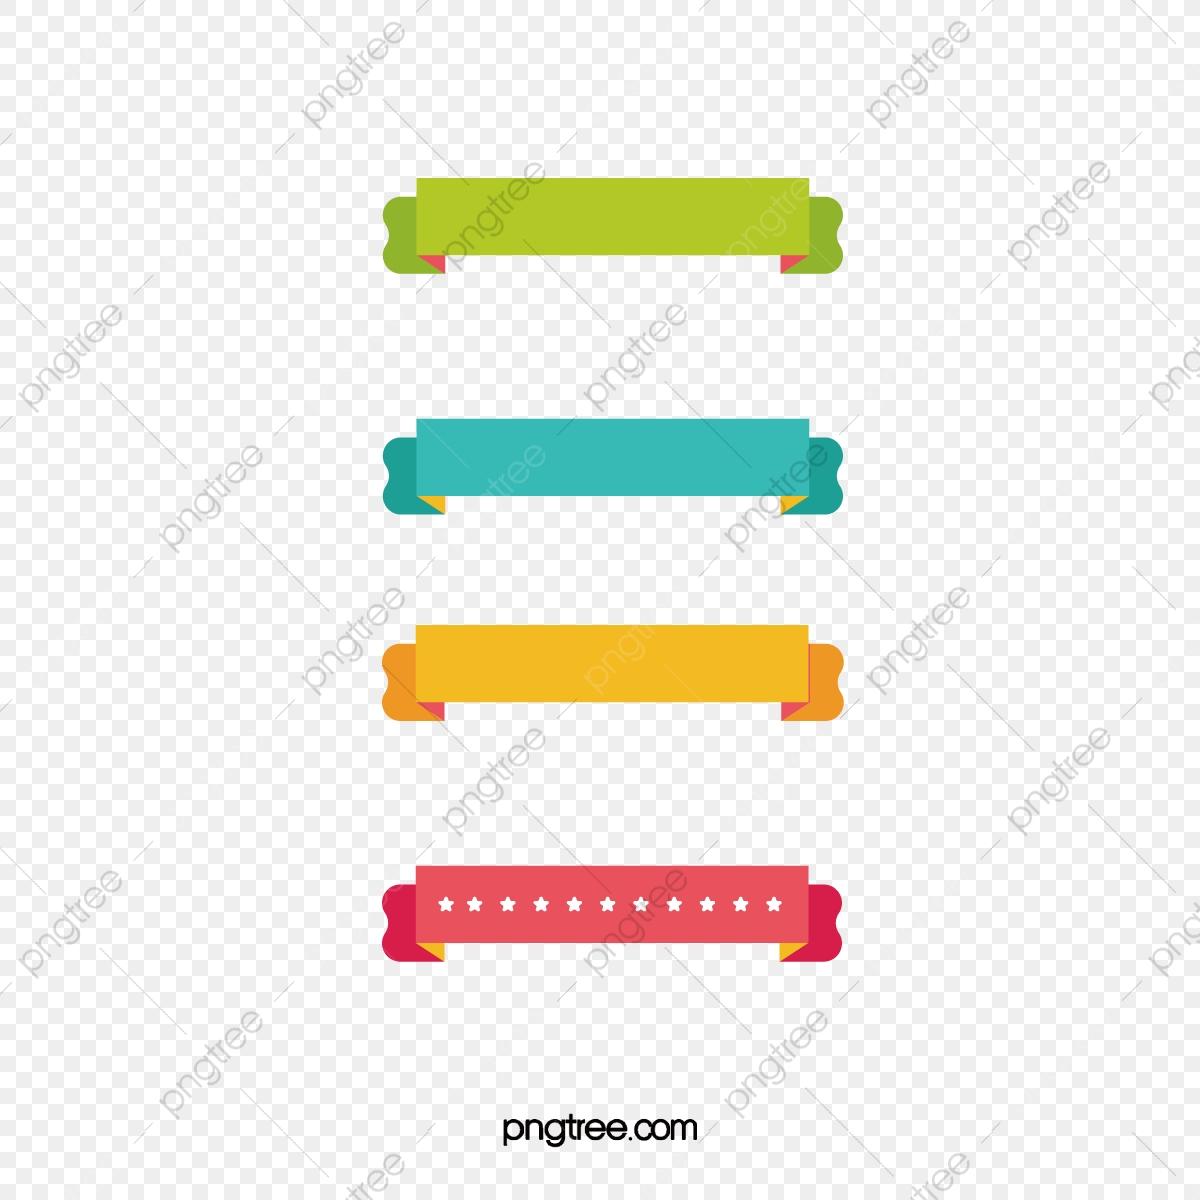 Carteles Png Ribbon Elementos Vectoriales, Cinta De Color, Elemento.